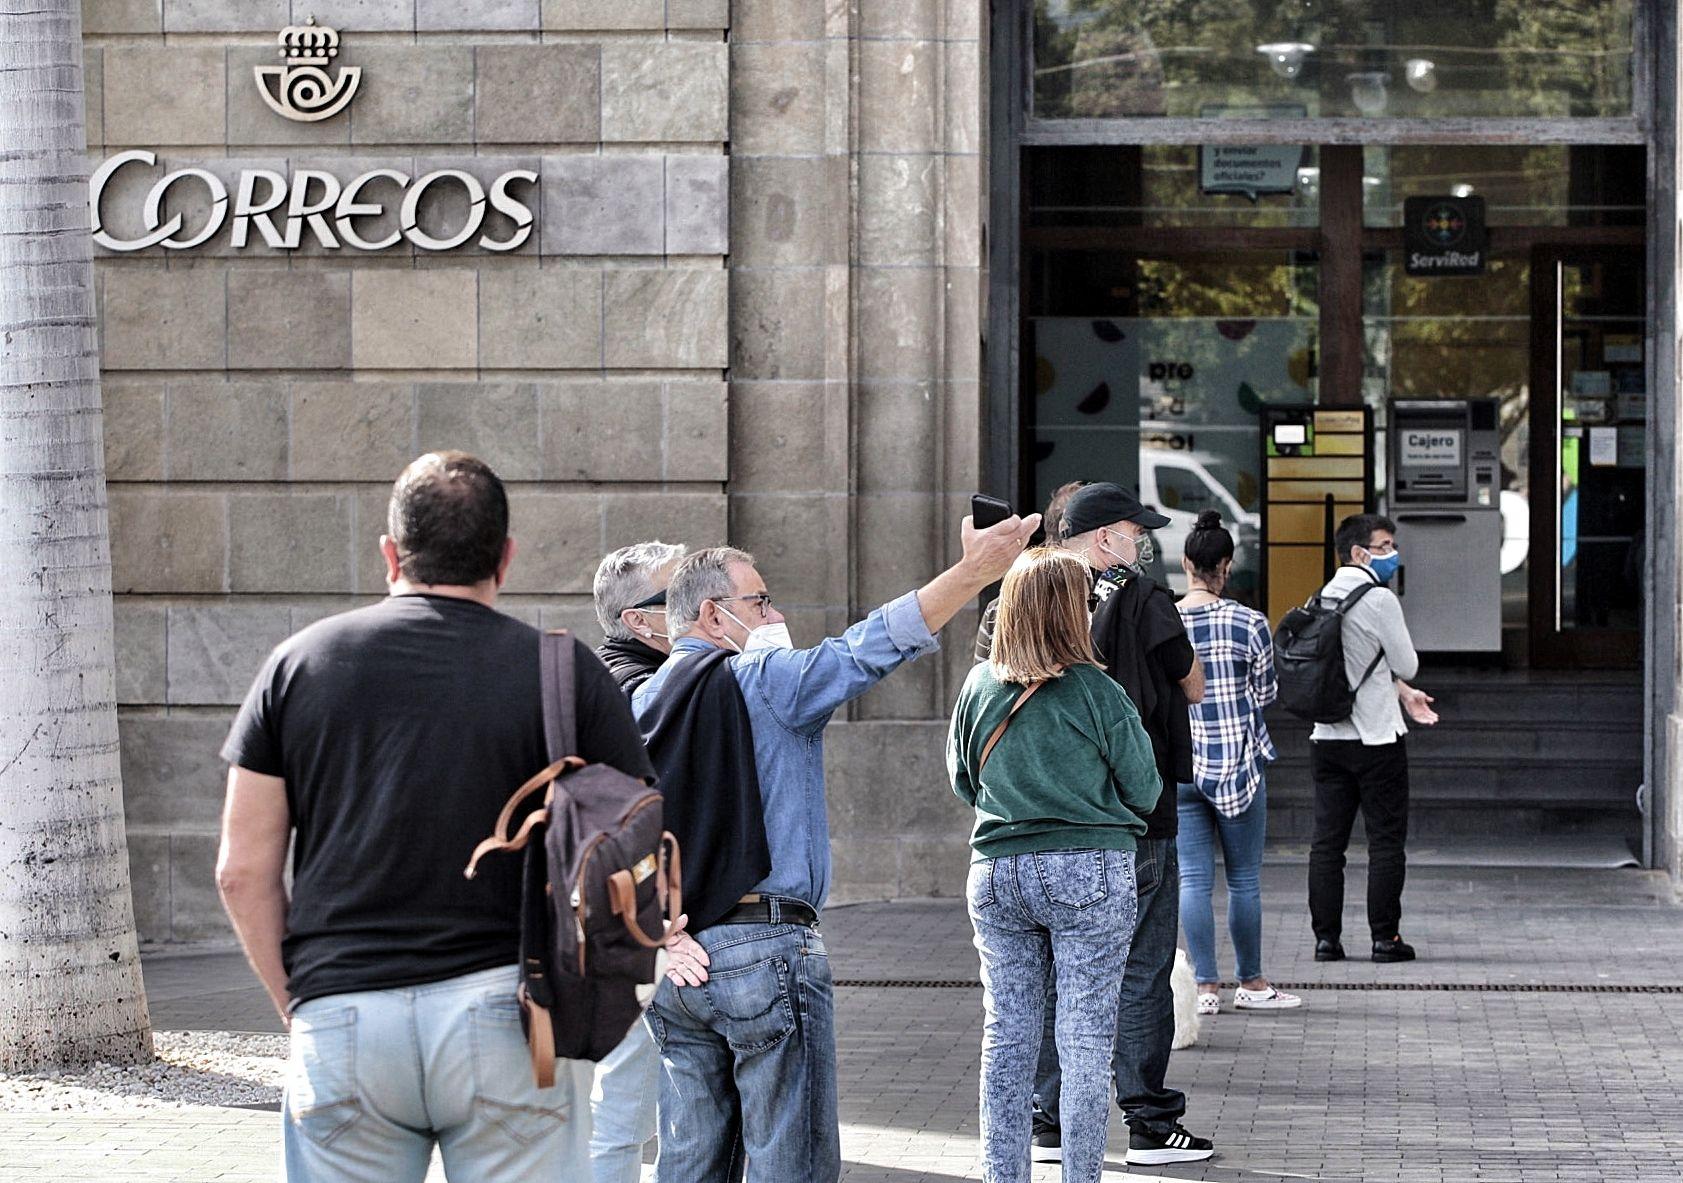 Colas en la oficina de correos Plaza España